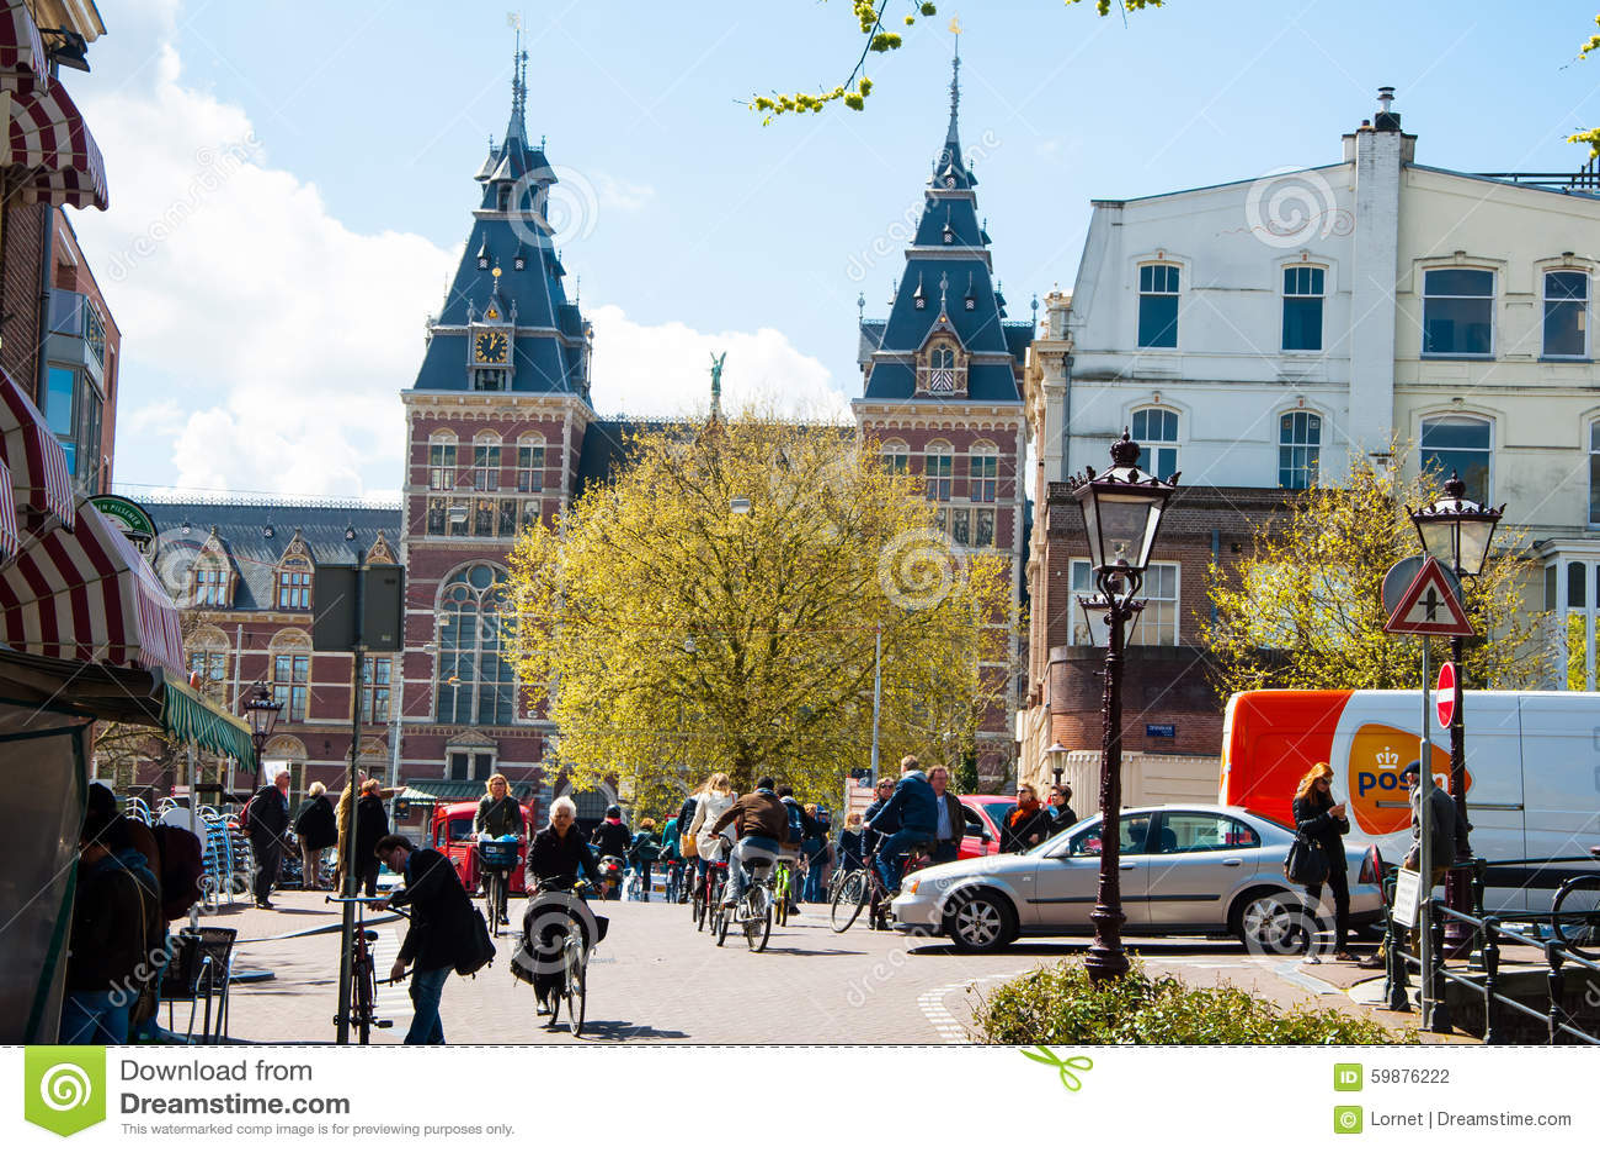 AMSTERDÃO 30 DE ABRIL: Os povos locais montam bicicletas na rua de Amsterdão, o Rijksmuseum são visíveis no fundo